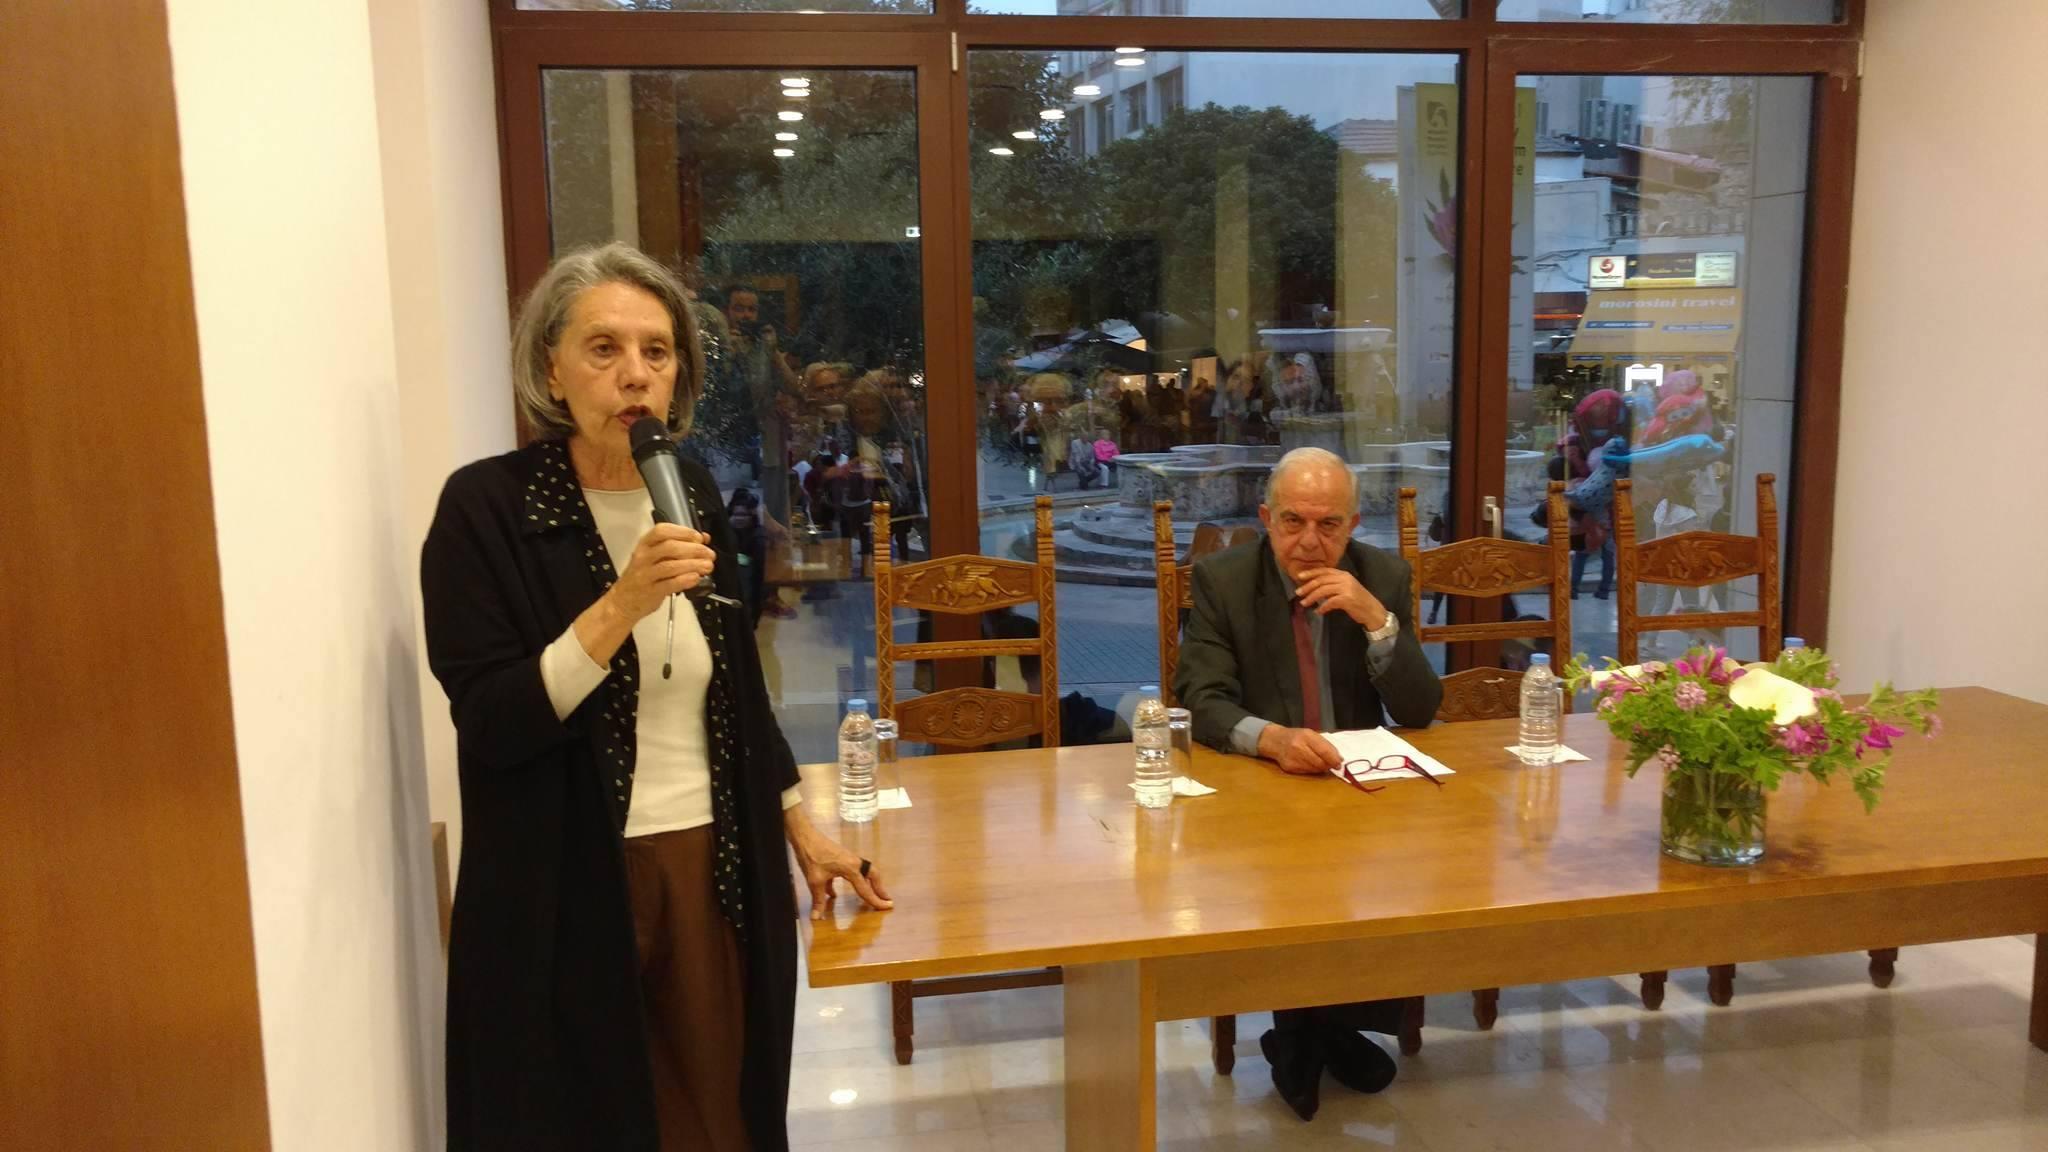 «Στόχος το βιβλιοπωλείο της Βικελαίας να γίνει εντευκτήριο για τα Γράμματα και τις Τέχνες στην πόλη μας» (pics)